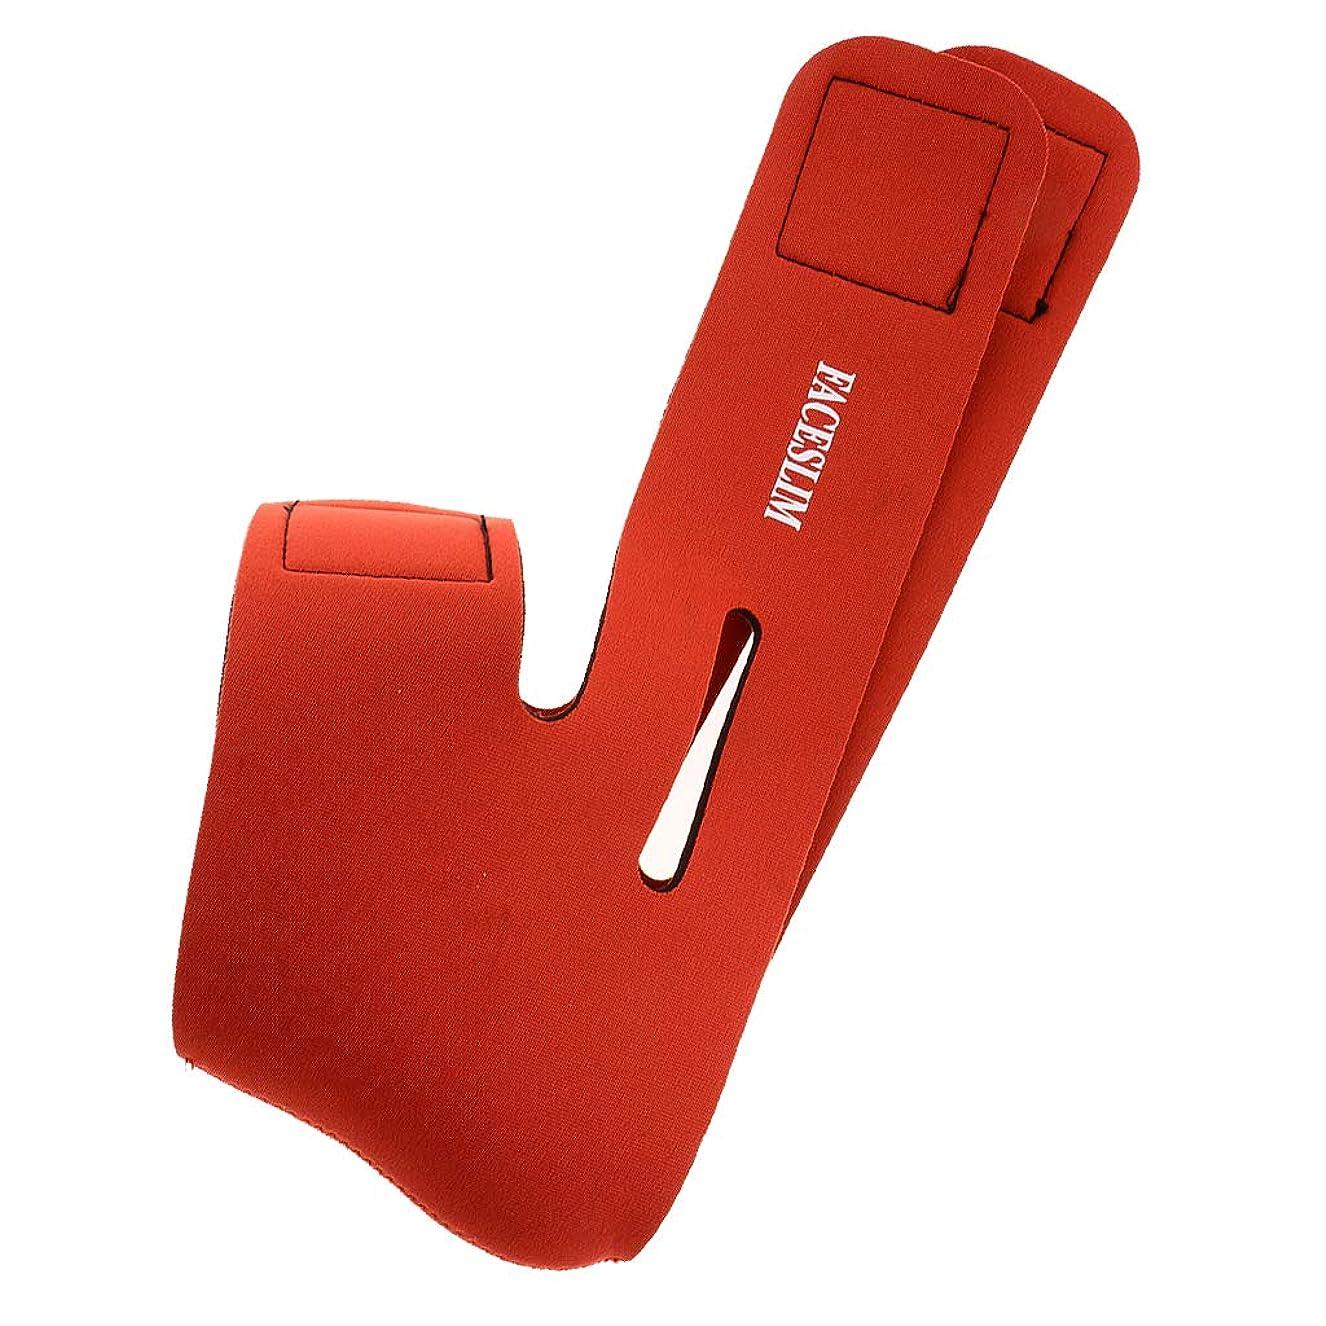 キャッシュ特許リーズSM SunniMix フェイスベルト リフトアップ 小顔サポーター 小顔マスク 小顔ベルト 通気 伸縮性 調節可能 全2色 - オレンジ